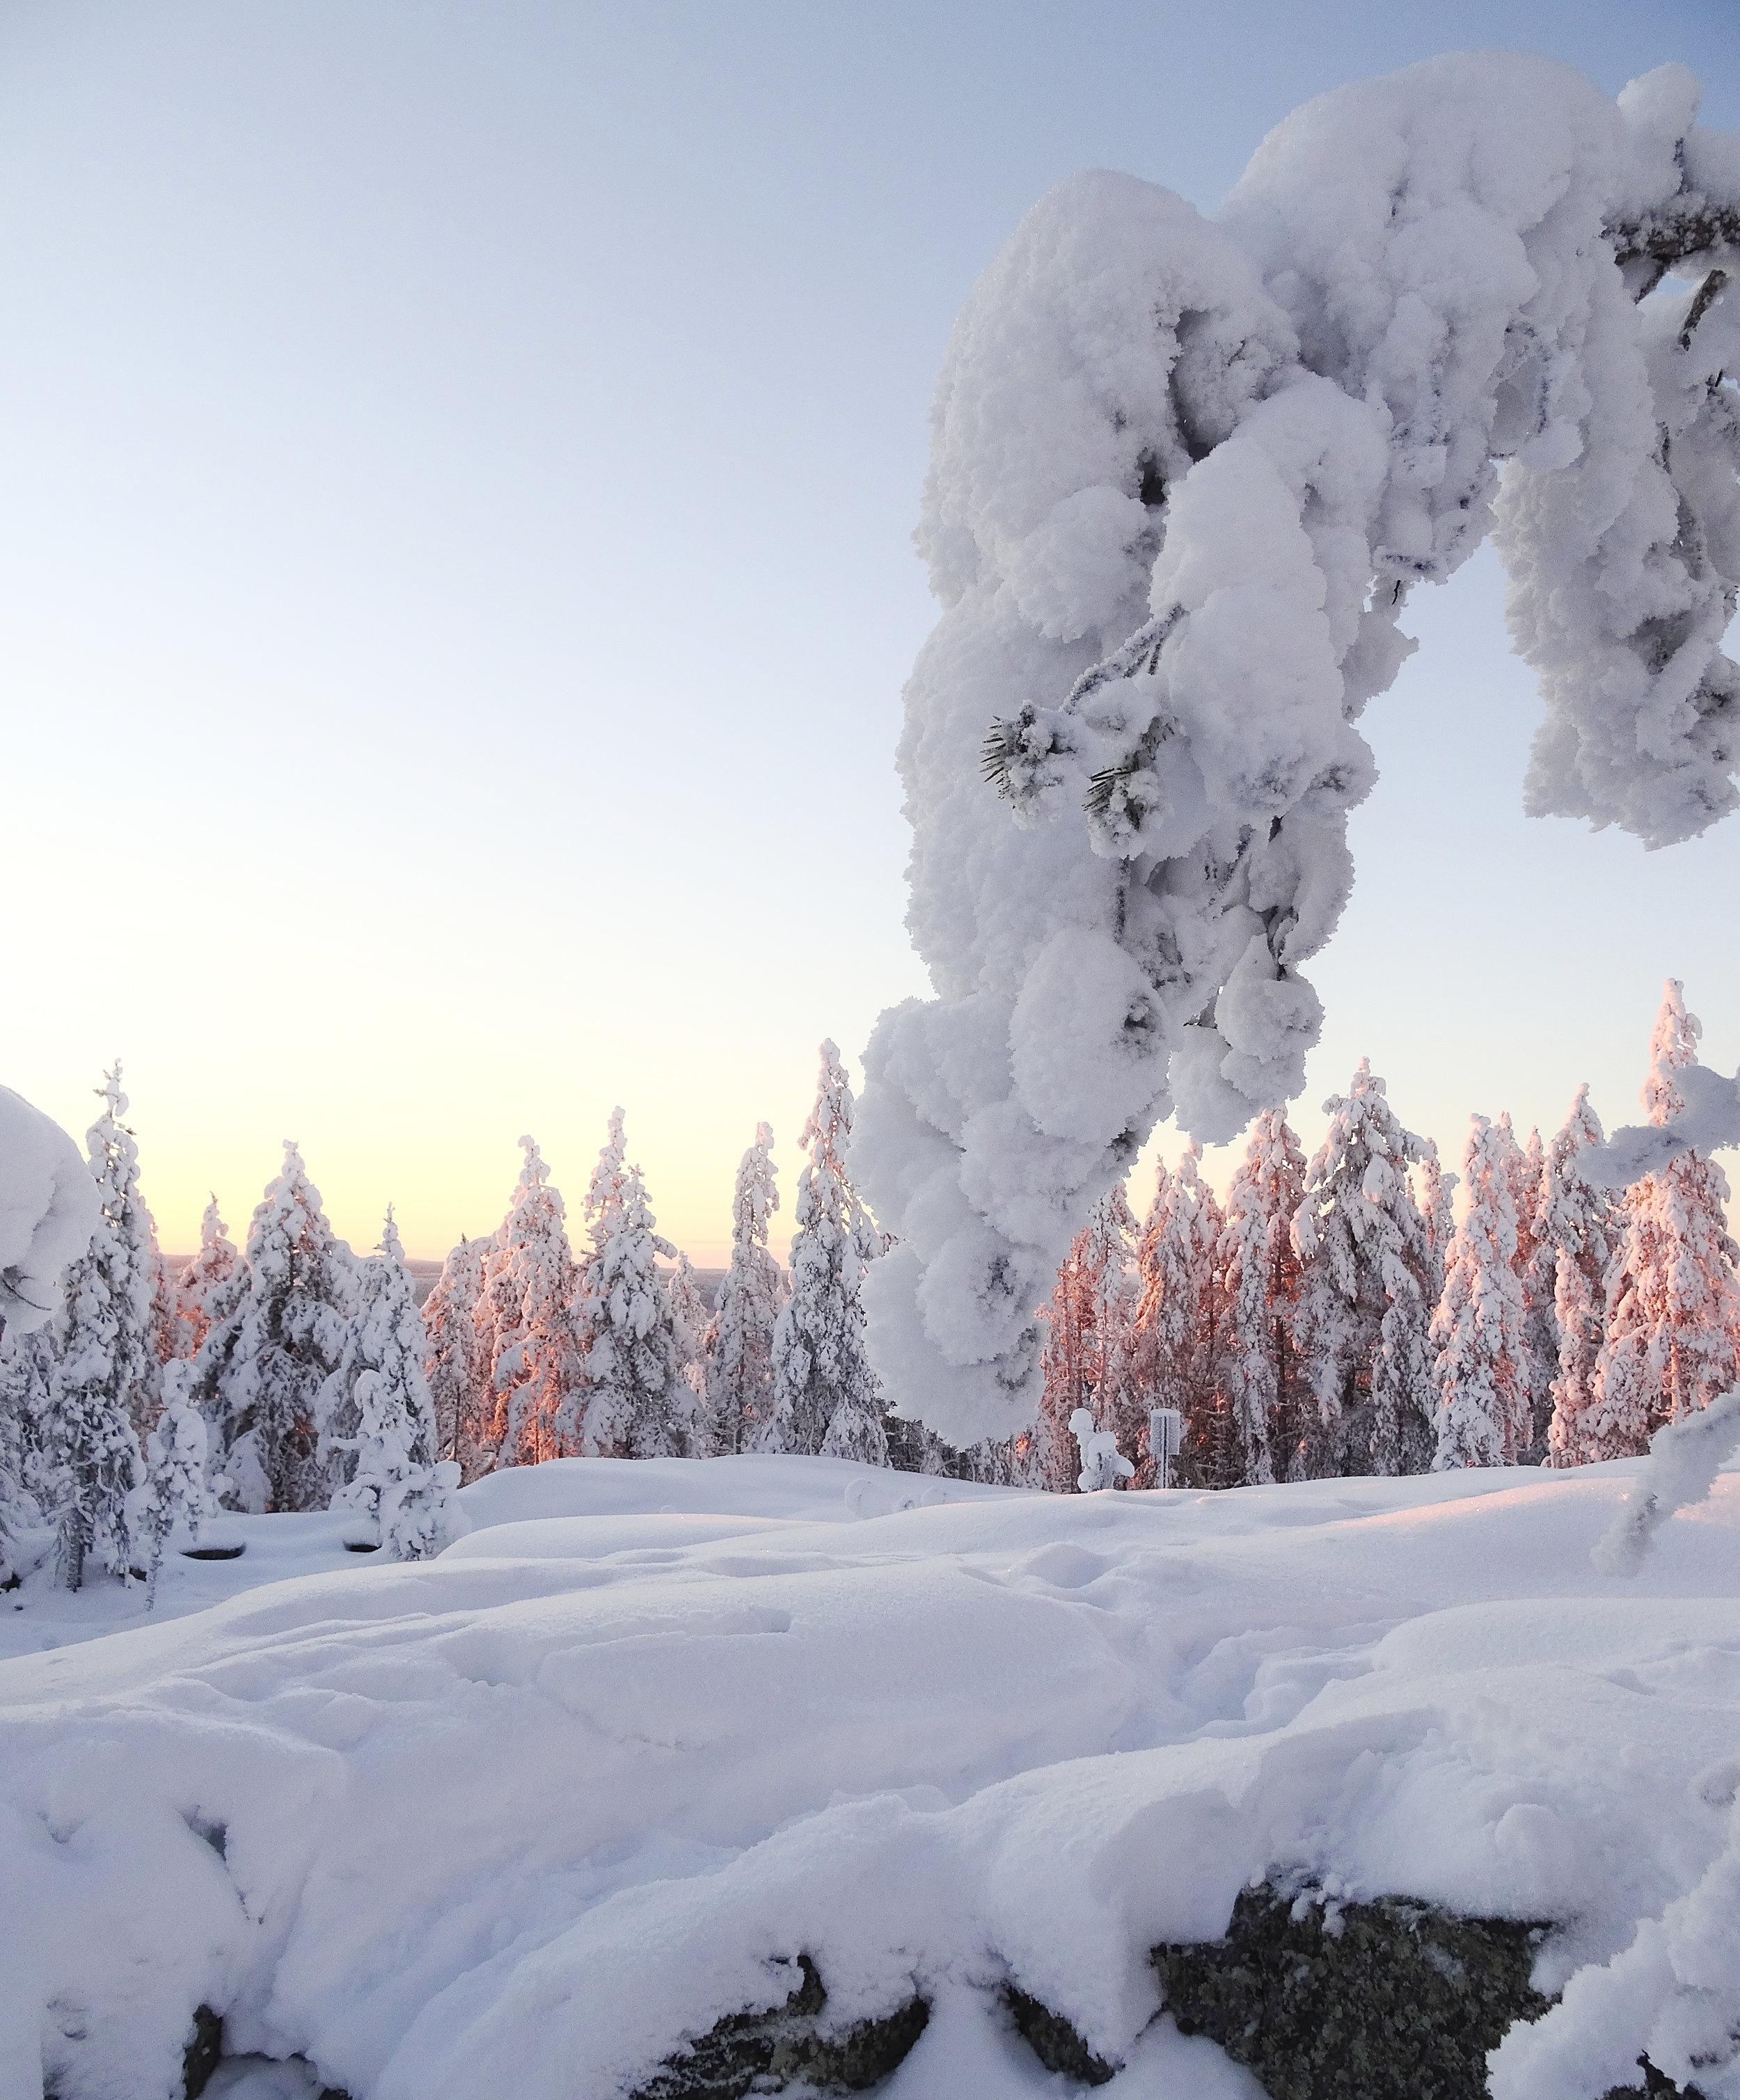 rovaniemi-lappi-suomi-lumi-tykkypuu-matkablogi-mona-kajander.jpg